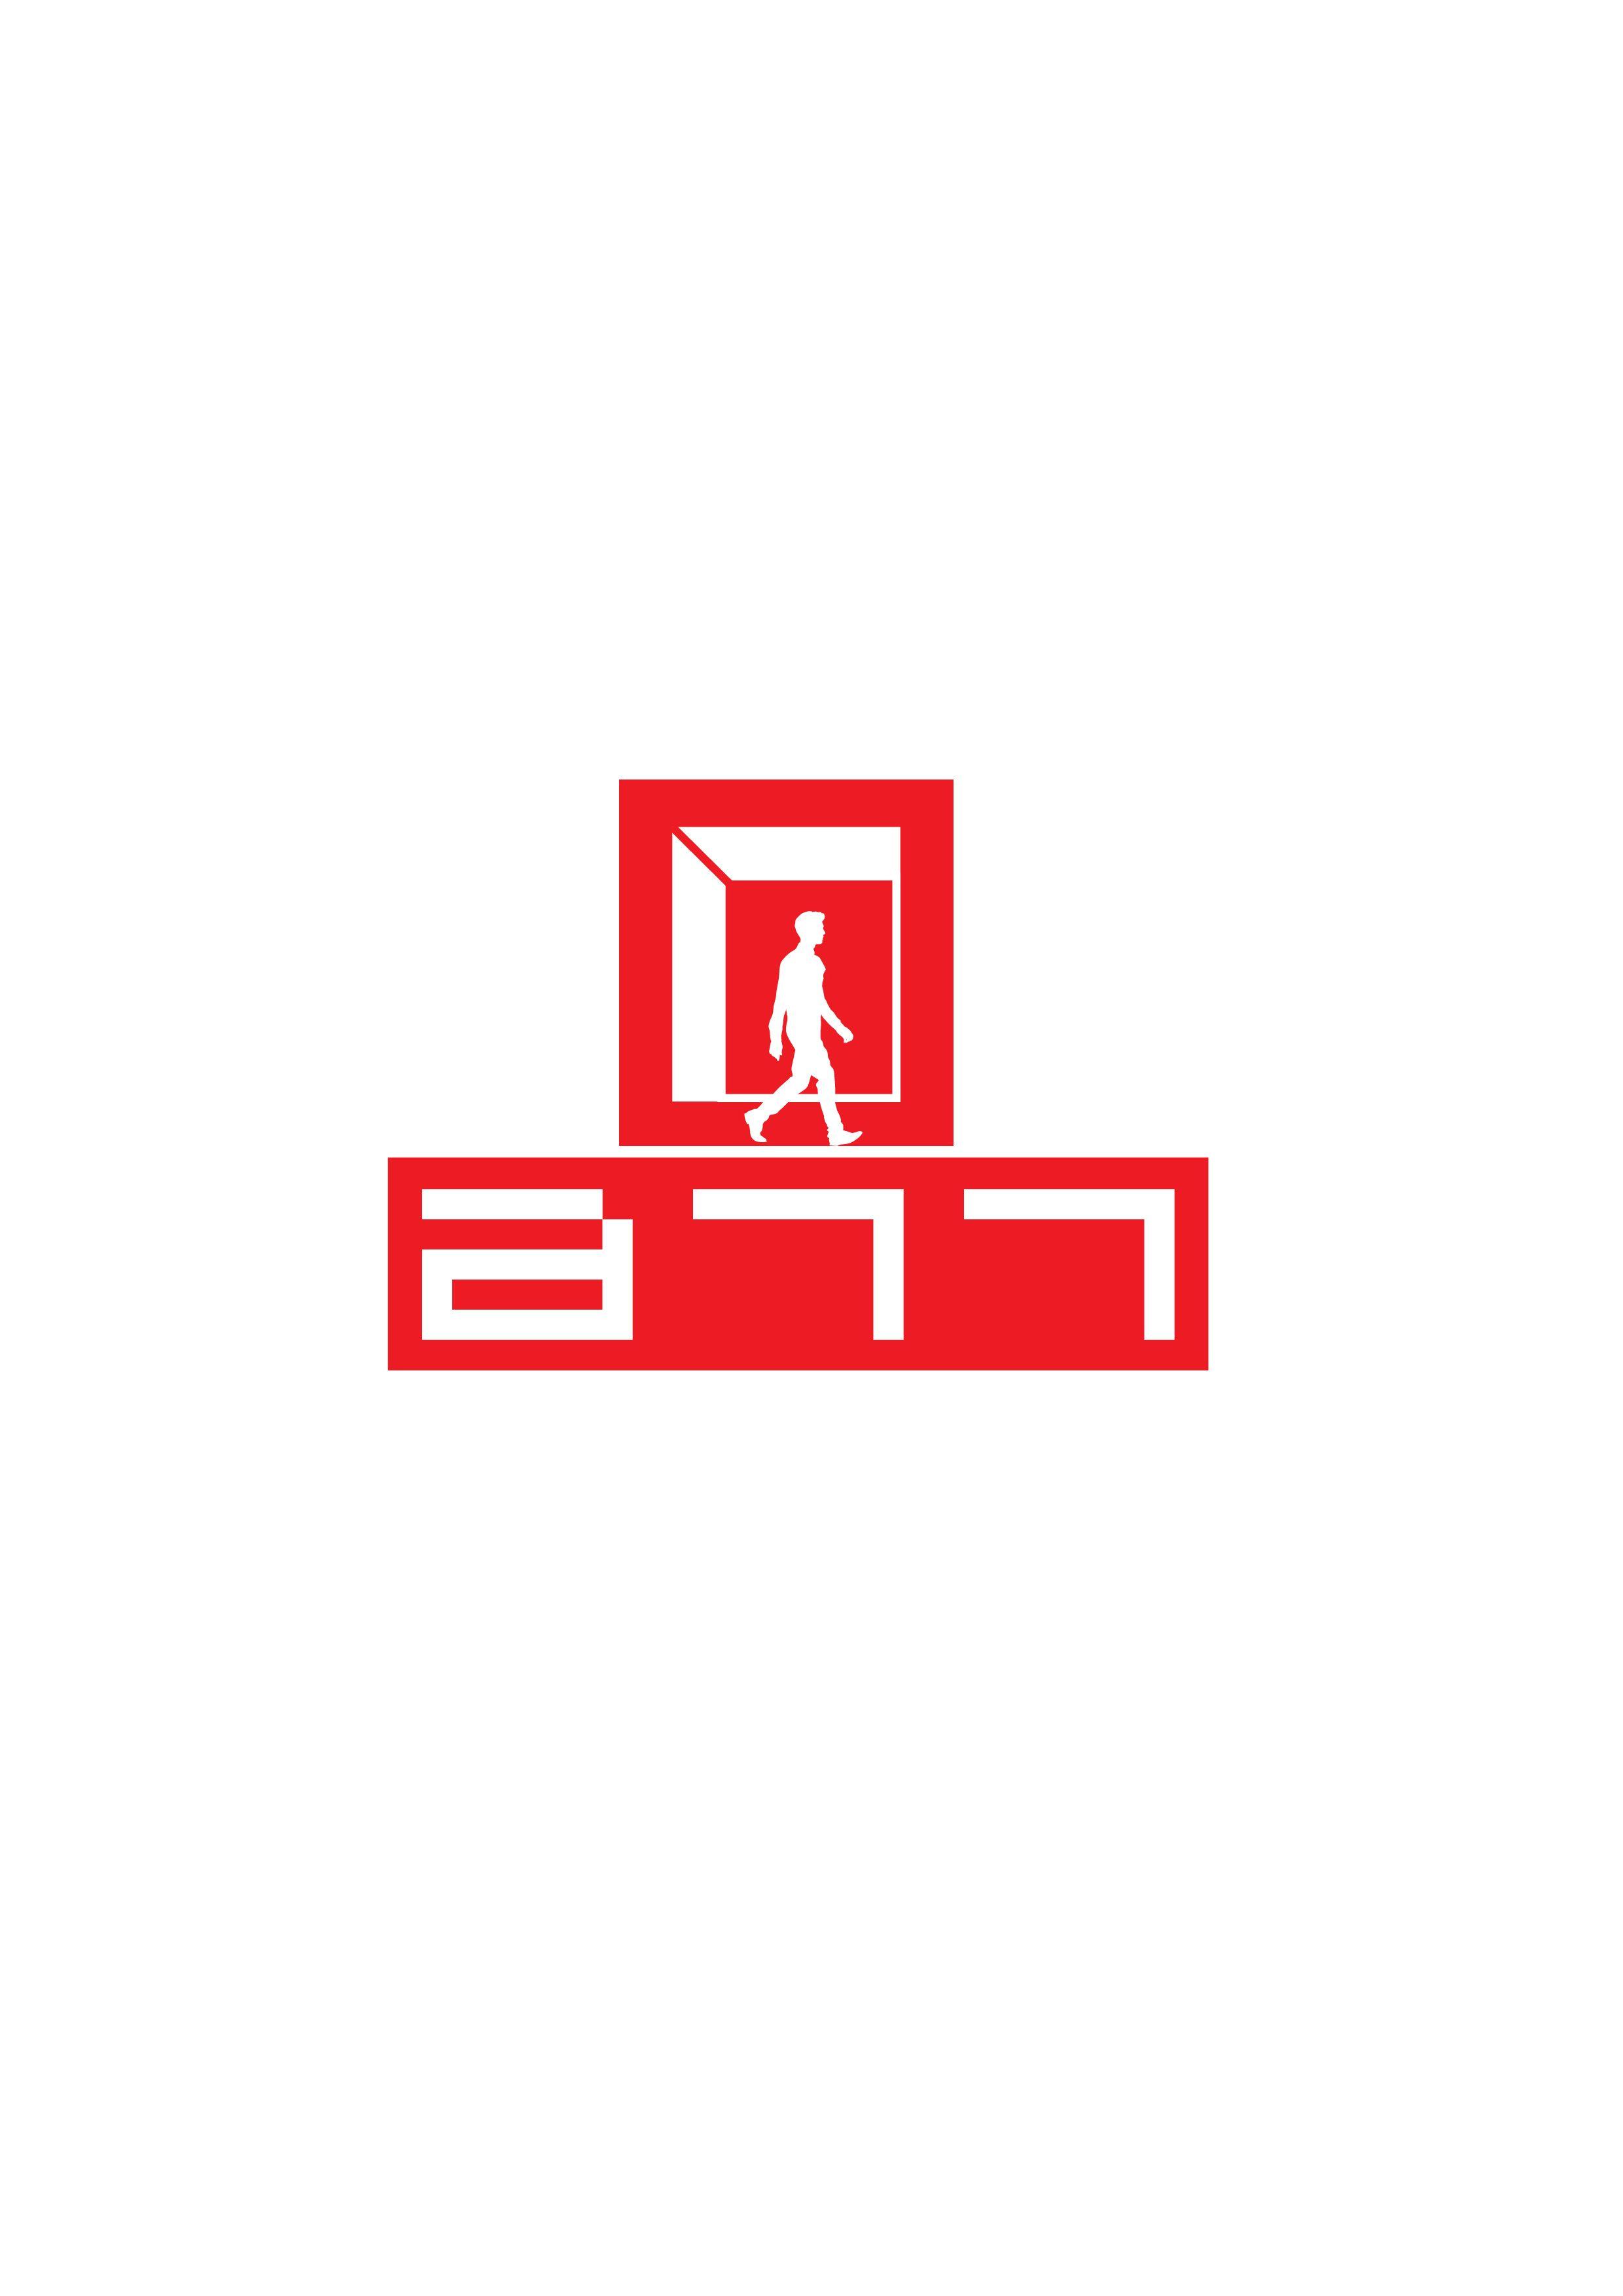 Лого для сайта по коммерческой недвижимости A77.RU - дизайнер Wou1ter